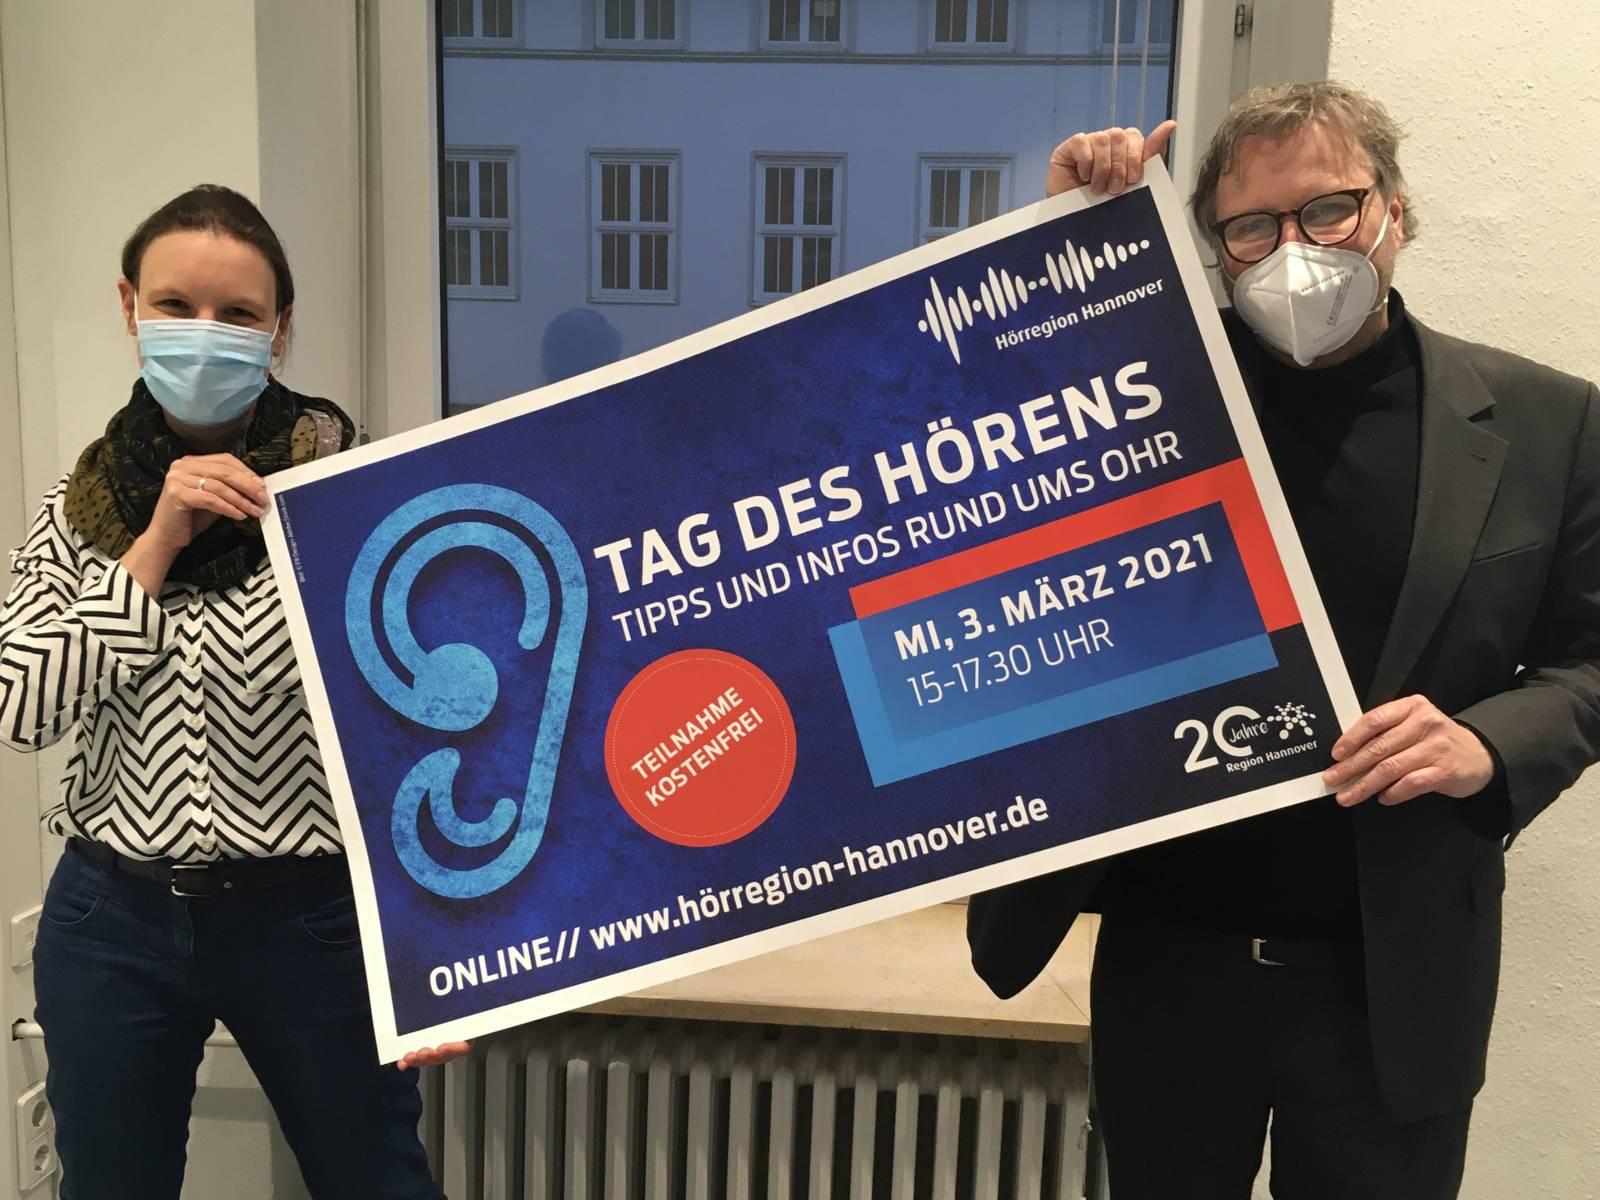 Zwei Menschen halten ein Plakat zum Tag des Hörens in die Höhe